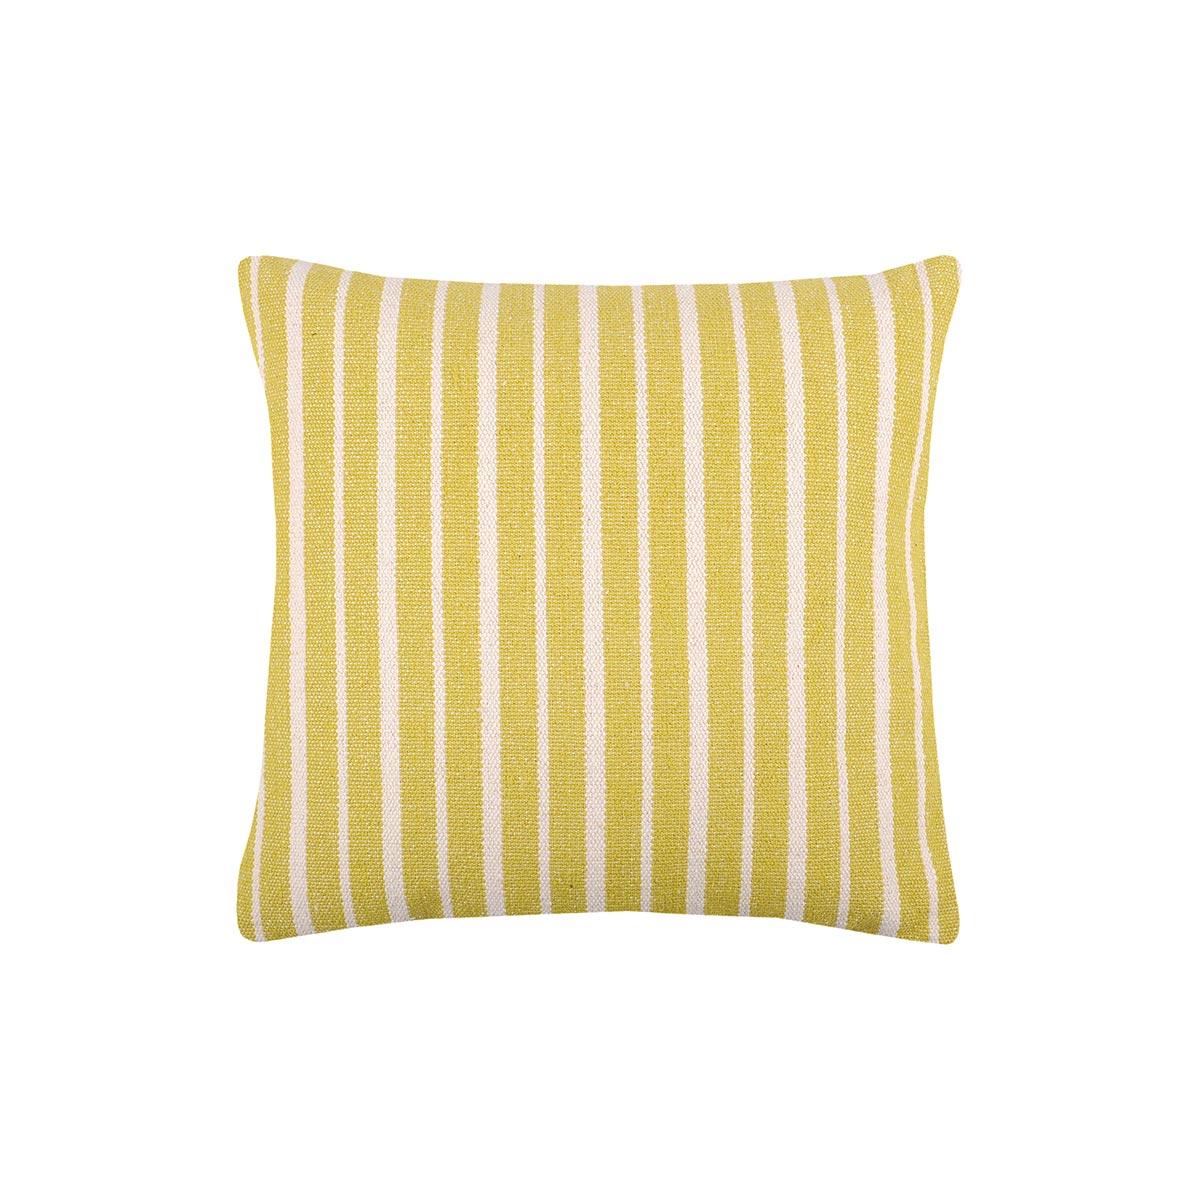 Διακοσμητικό Μαξιλάρι (45×45) S-F Maxime Anis C18857002